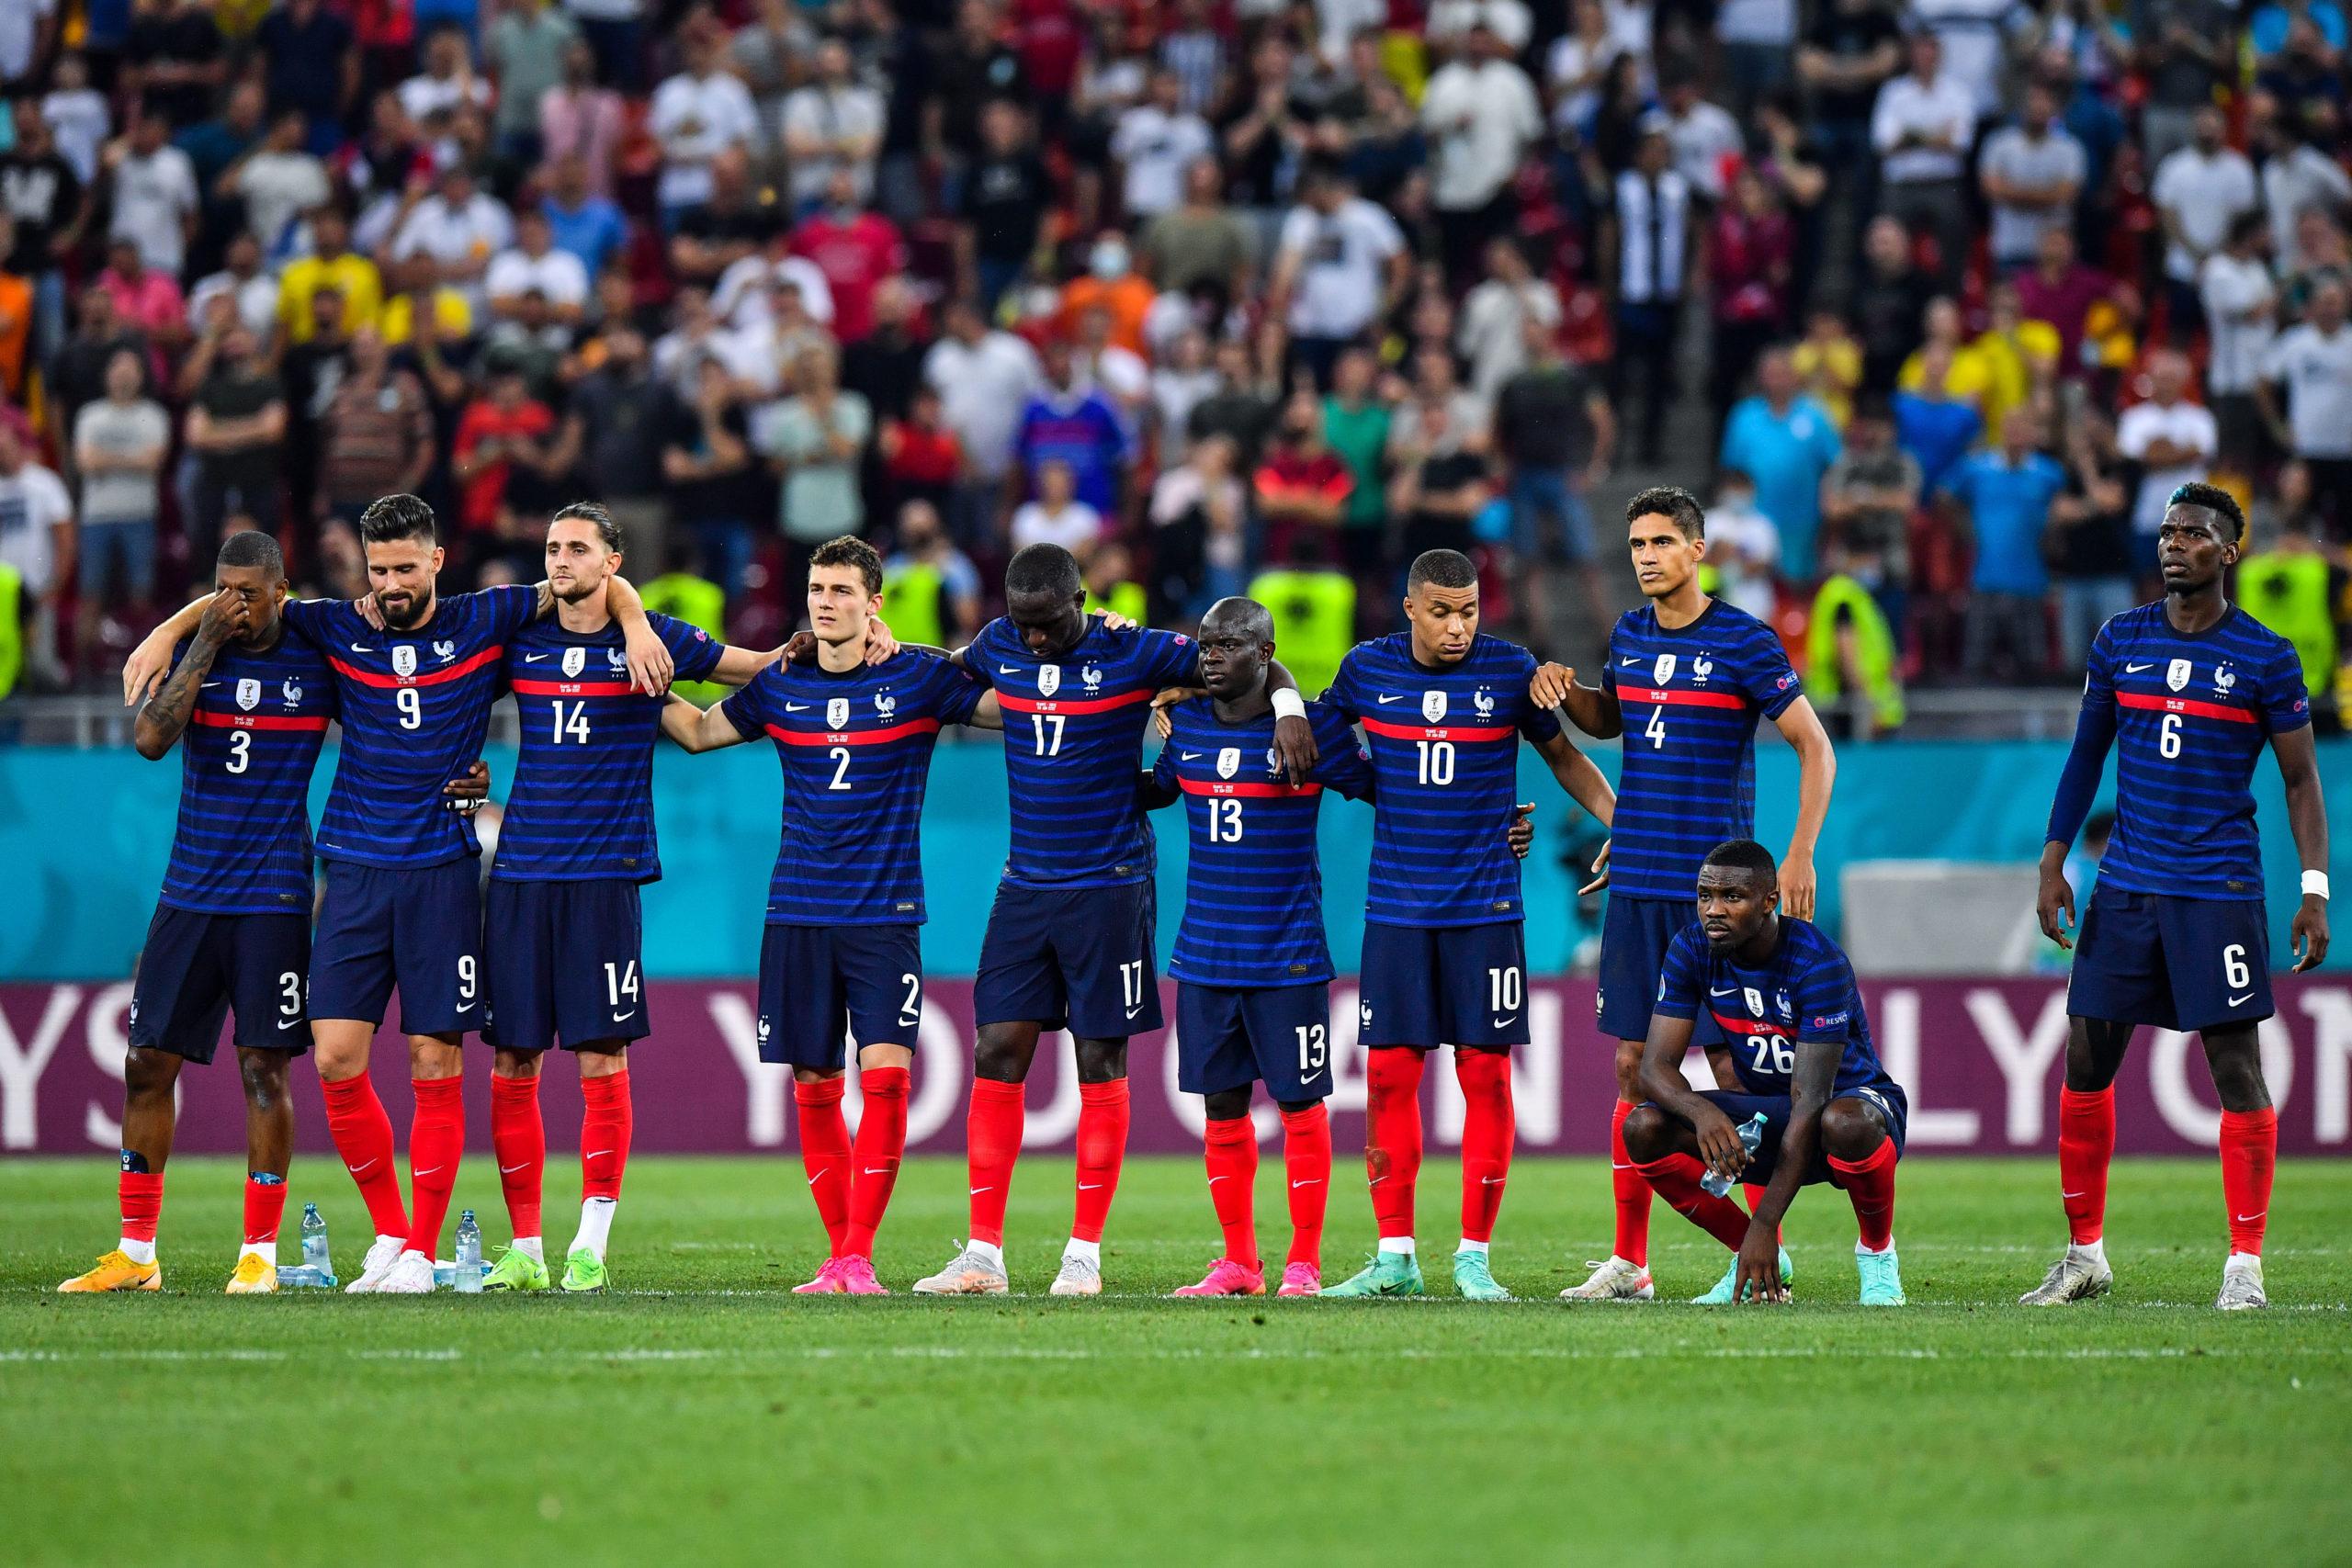 France/Suisse - Le résumé vidéo et buts de la rencontre